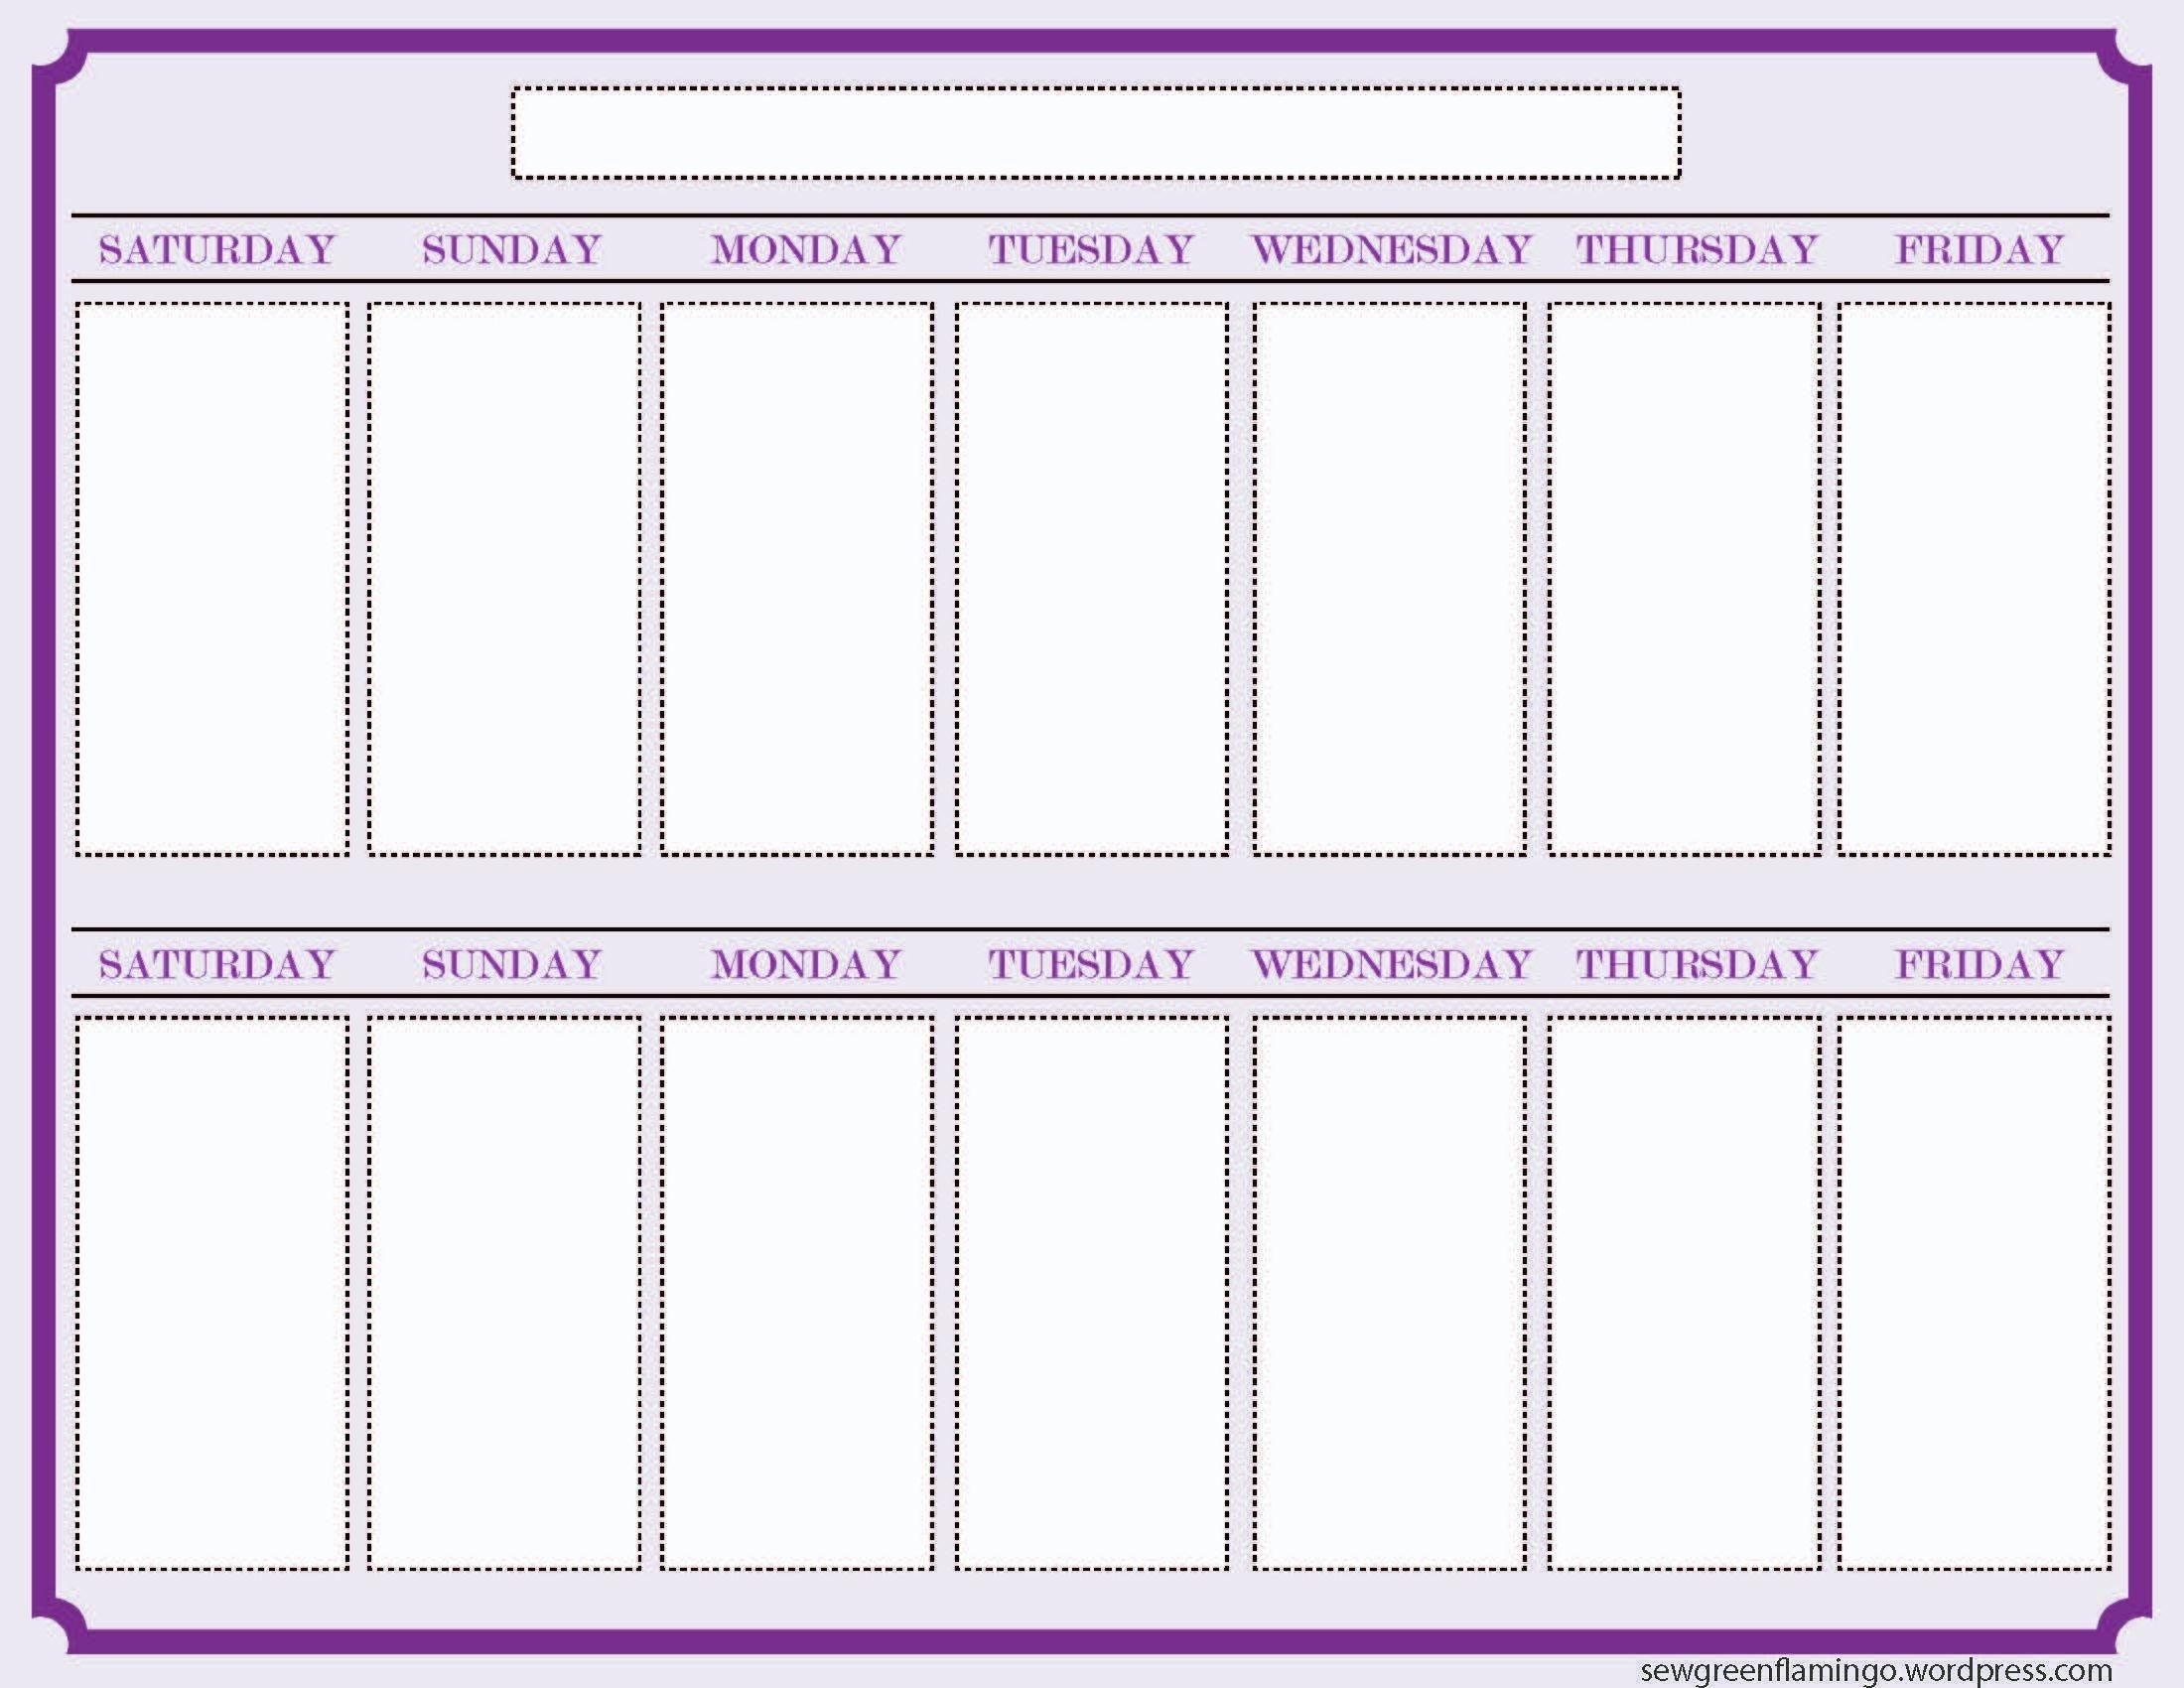 Getting Organized! 2 Week Planner   Free Weekly Calendar